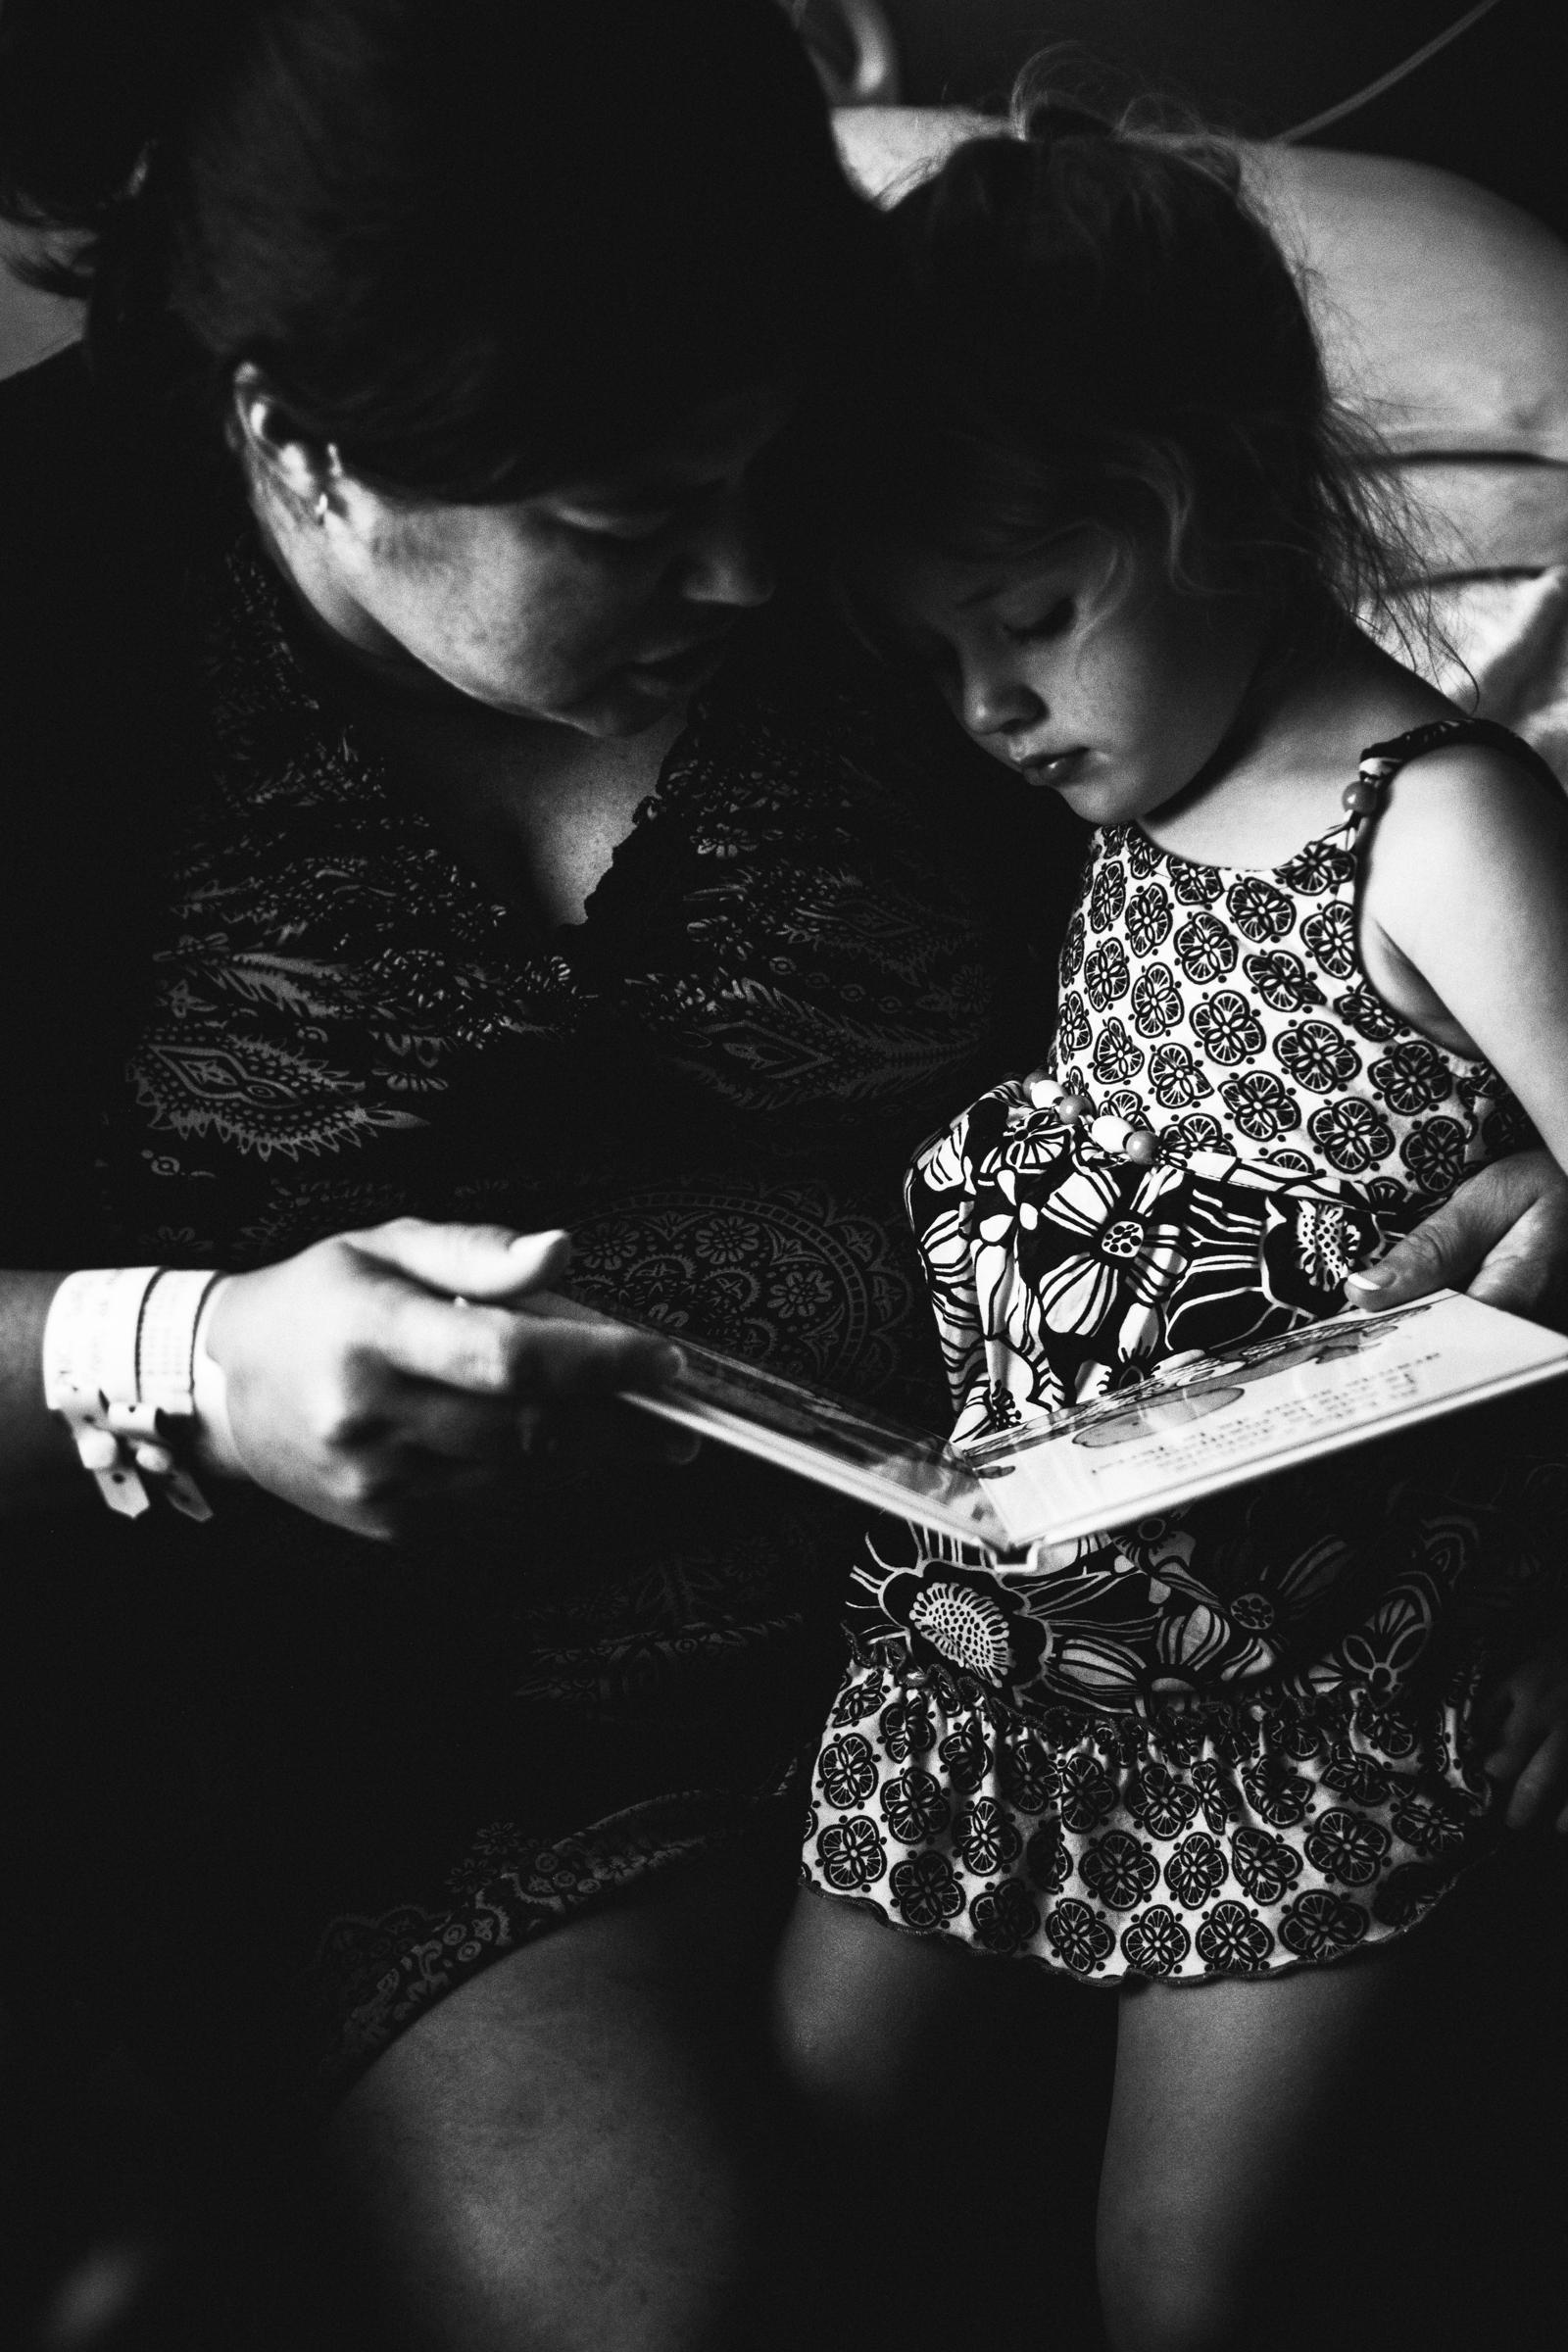 photo-de-nouveau-ne-a-l-hopital-fresh-48_photographie-noir-et-blanc-photographe-de-famille-lifestyle-enfant-montreal-43.jpg